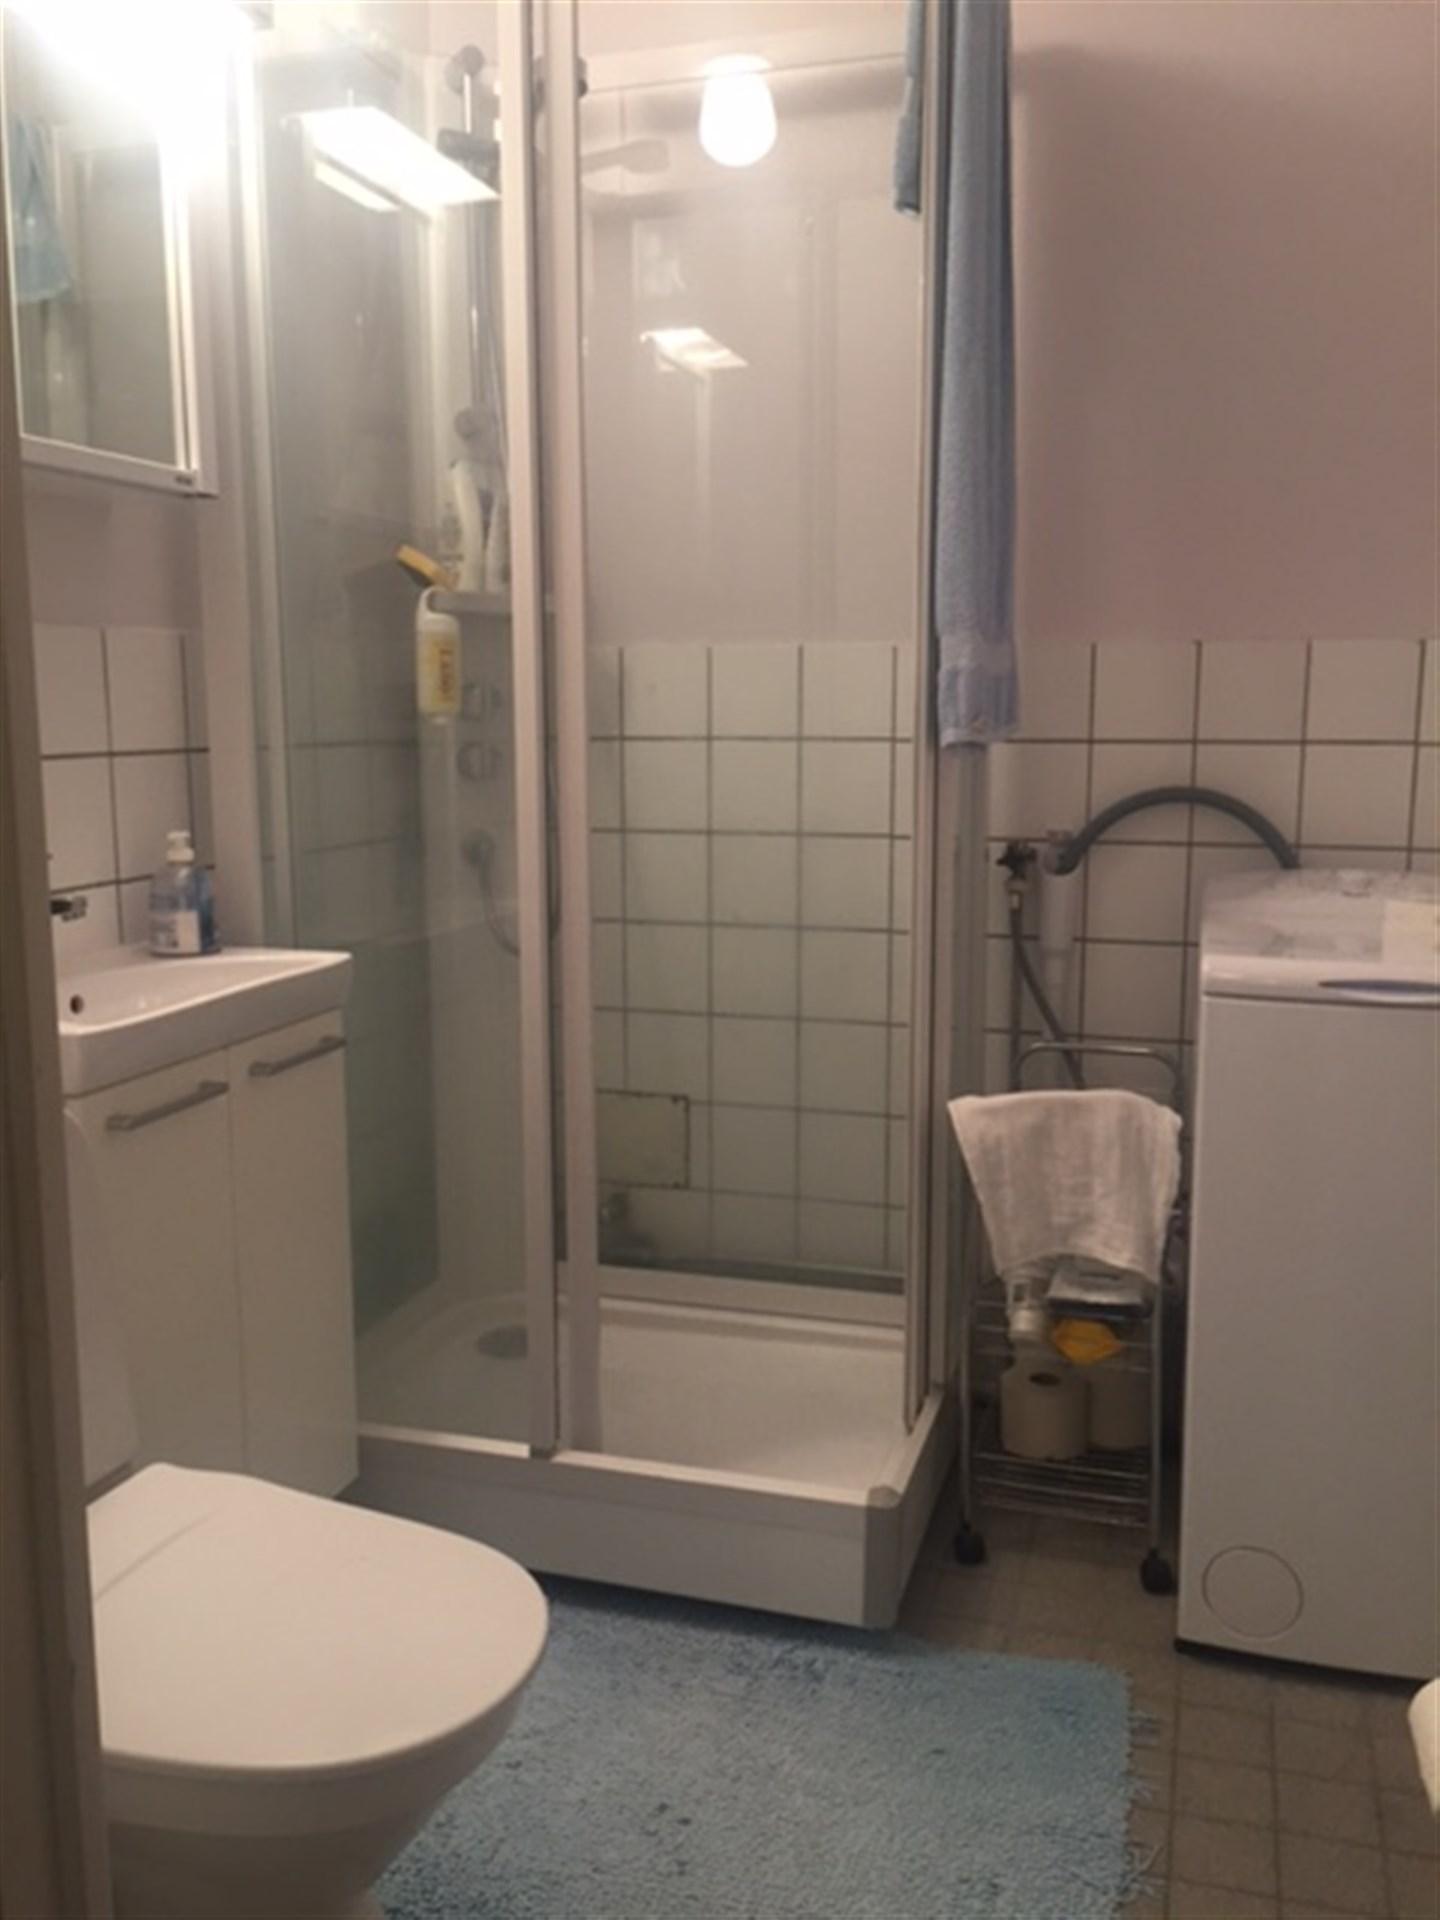 Dusch/wc